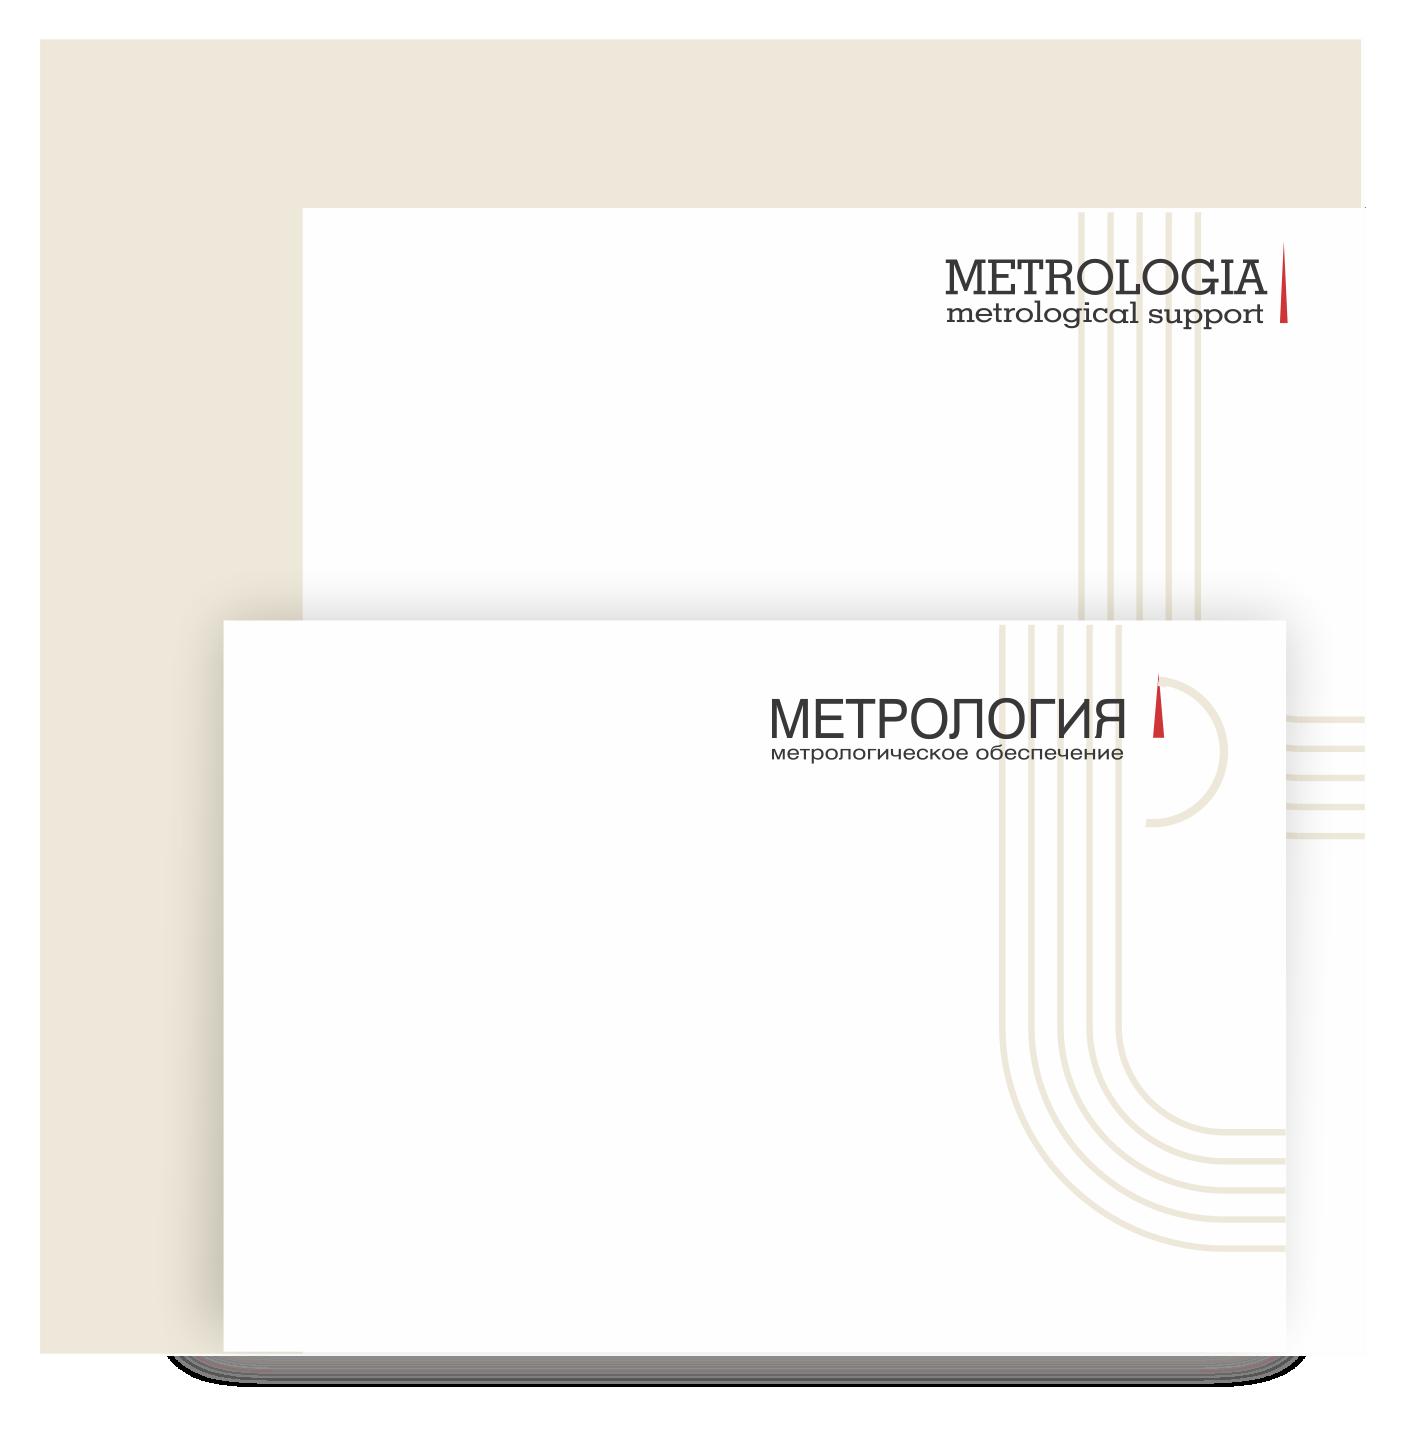 Разработать логотип, визитку, фирменный бланк. фото f_16858f916a3ae6a9.png